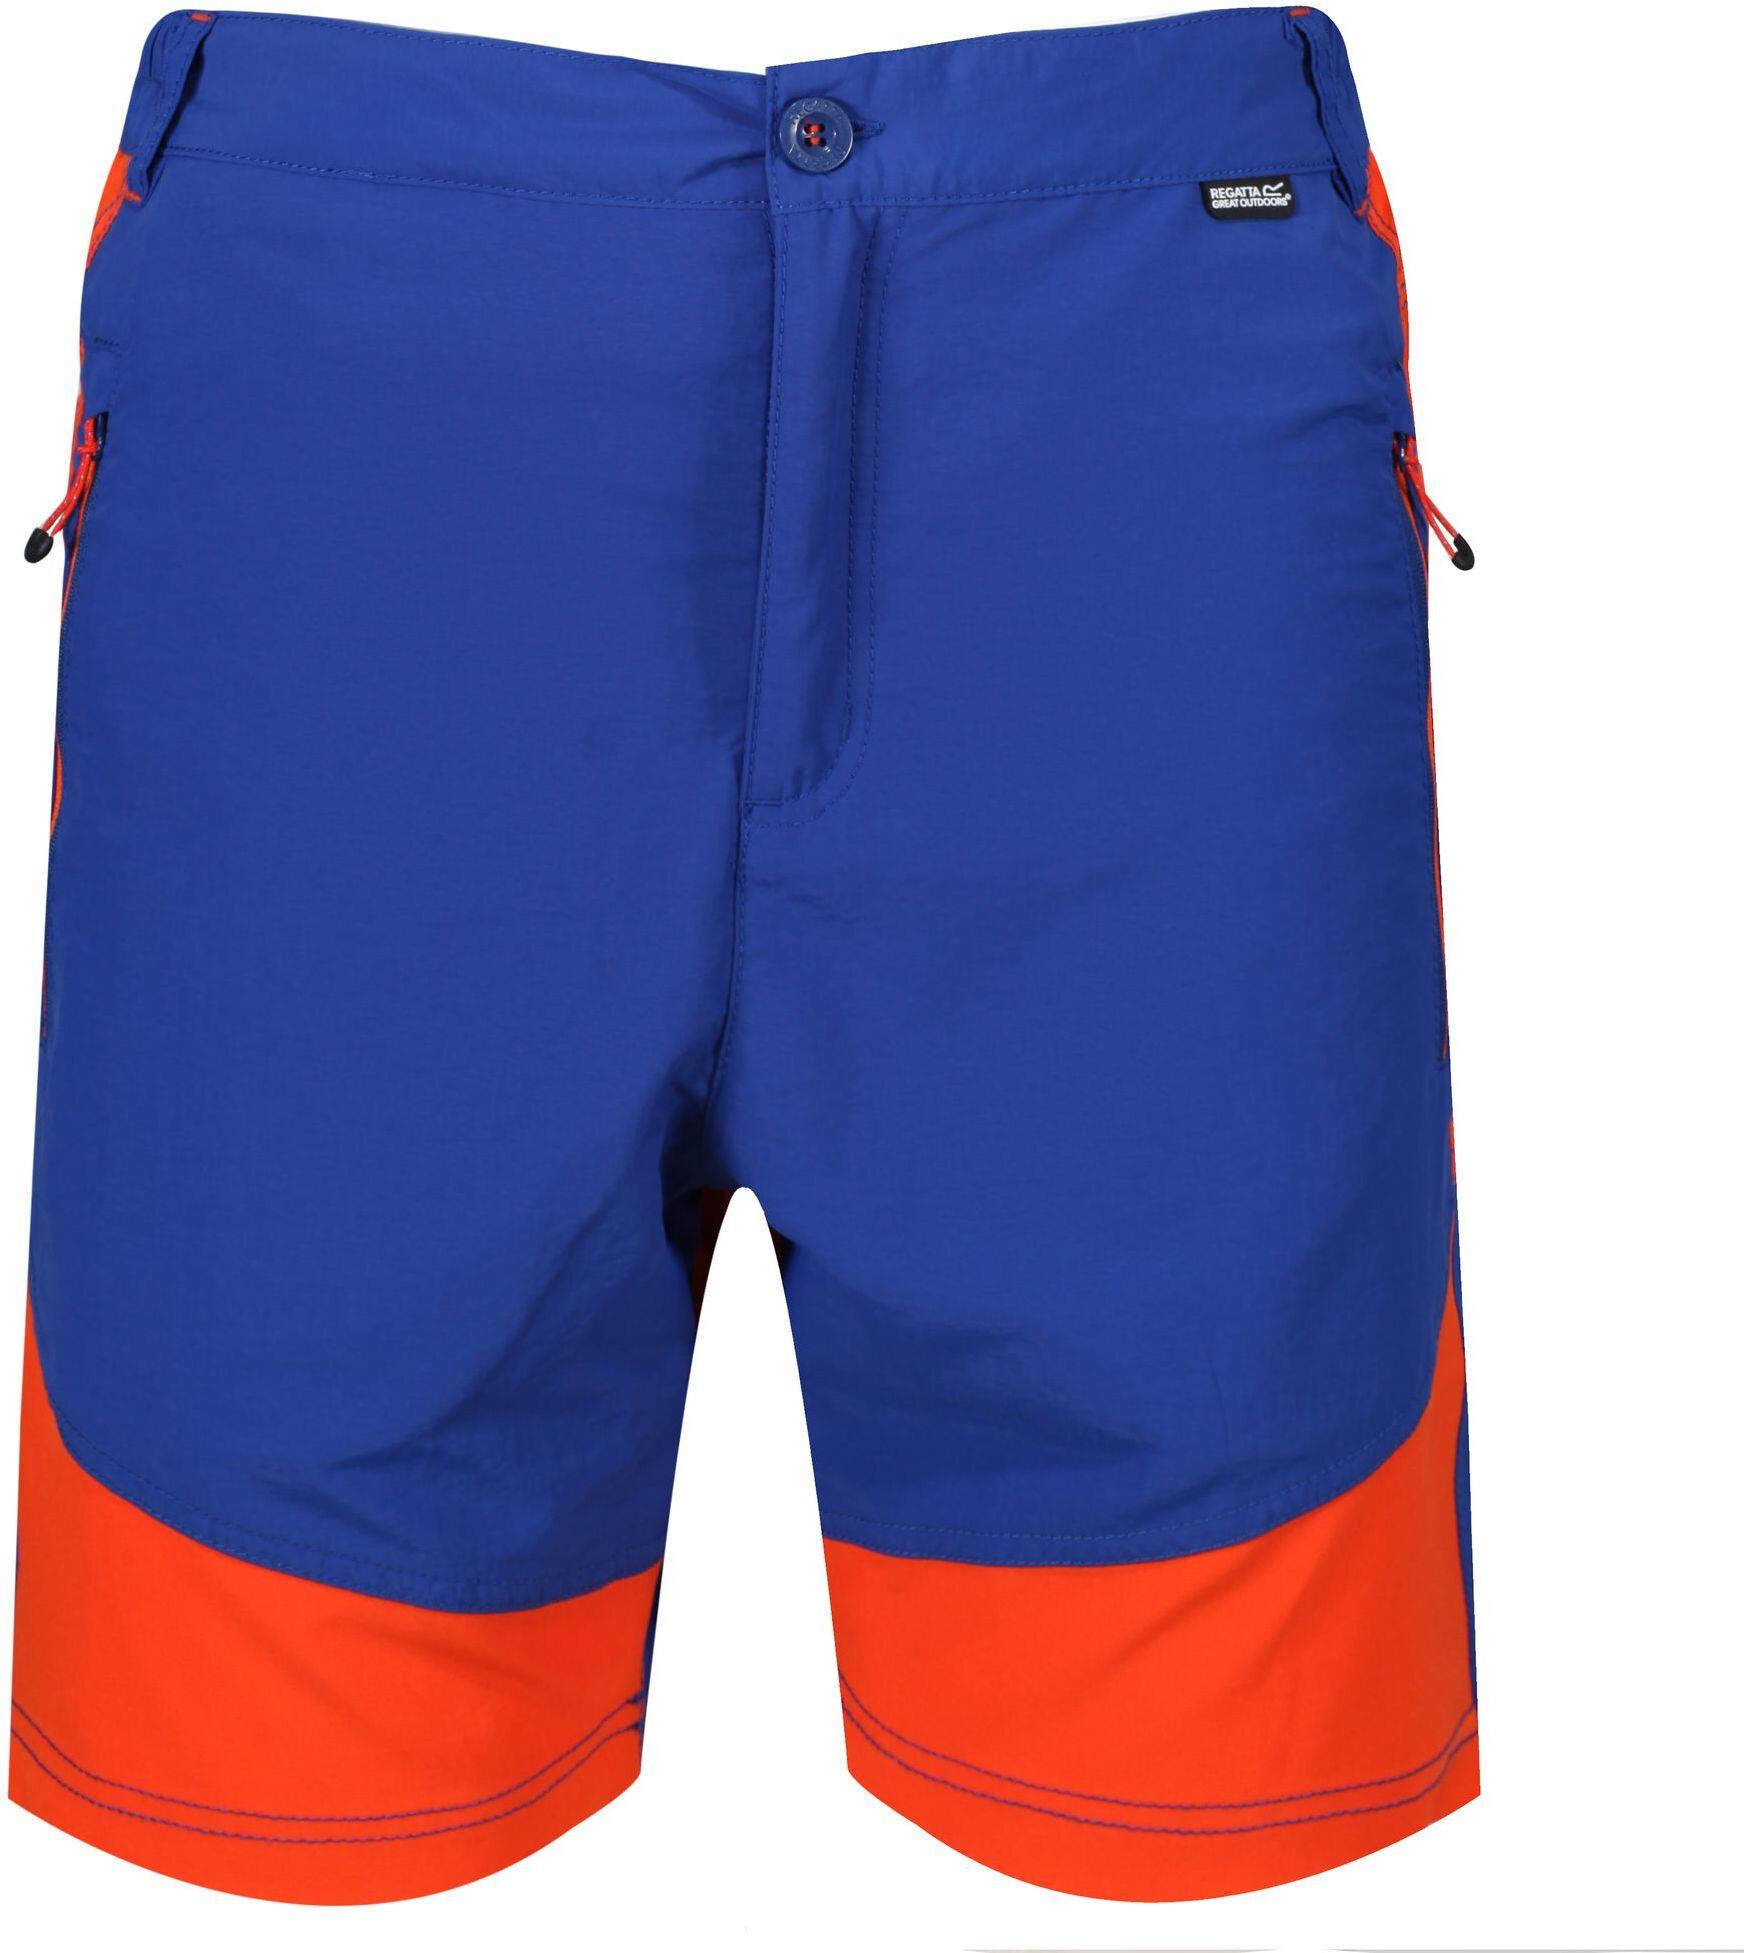 Korte Broek Heren Blauw.Regatta Sungari Korte Broek Heren Oranje Blauw L Online Outdoor Shop